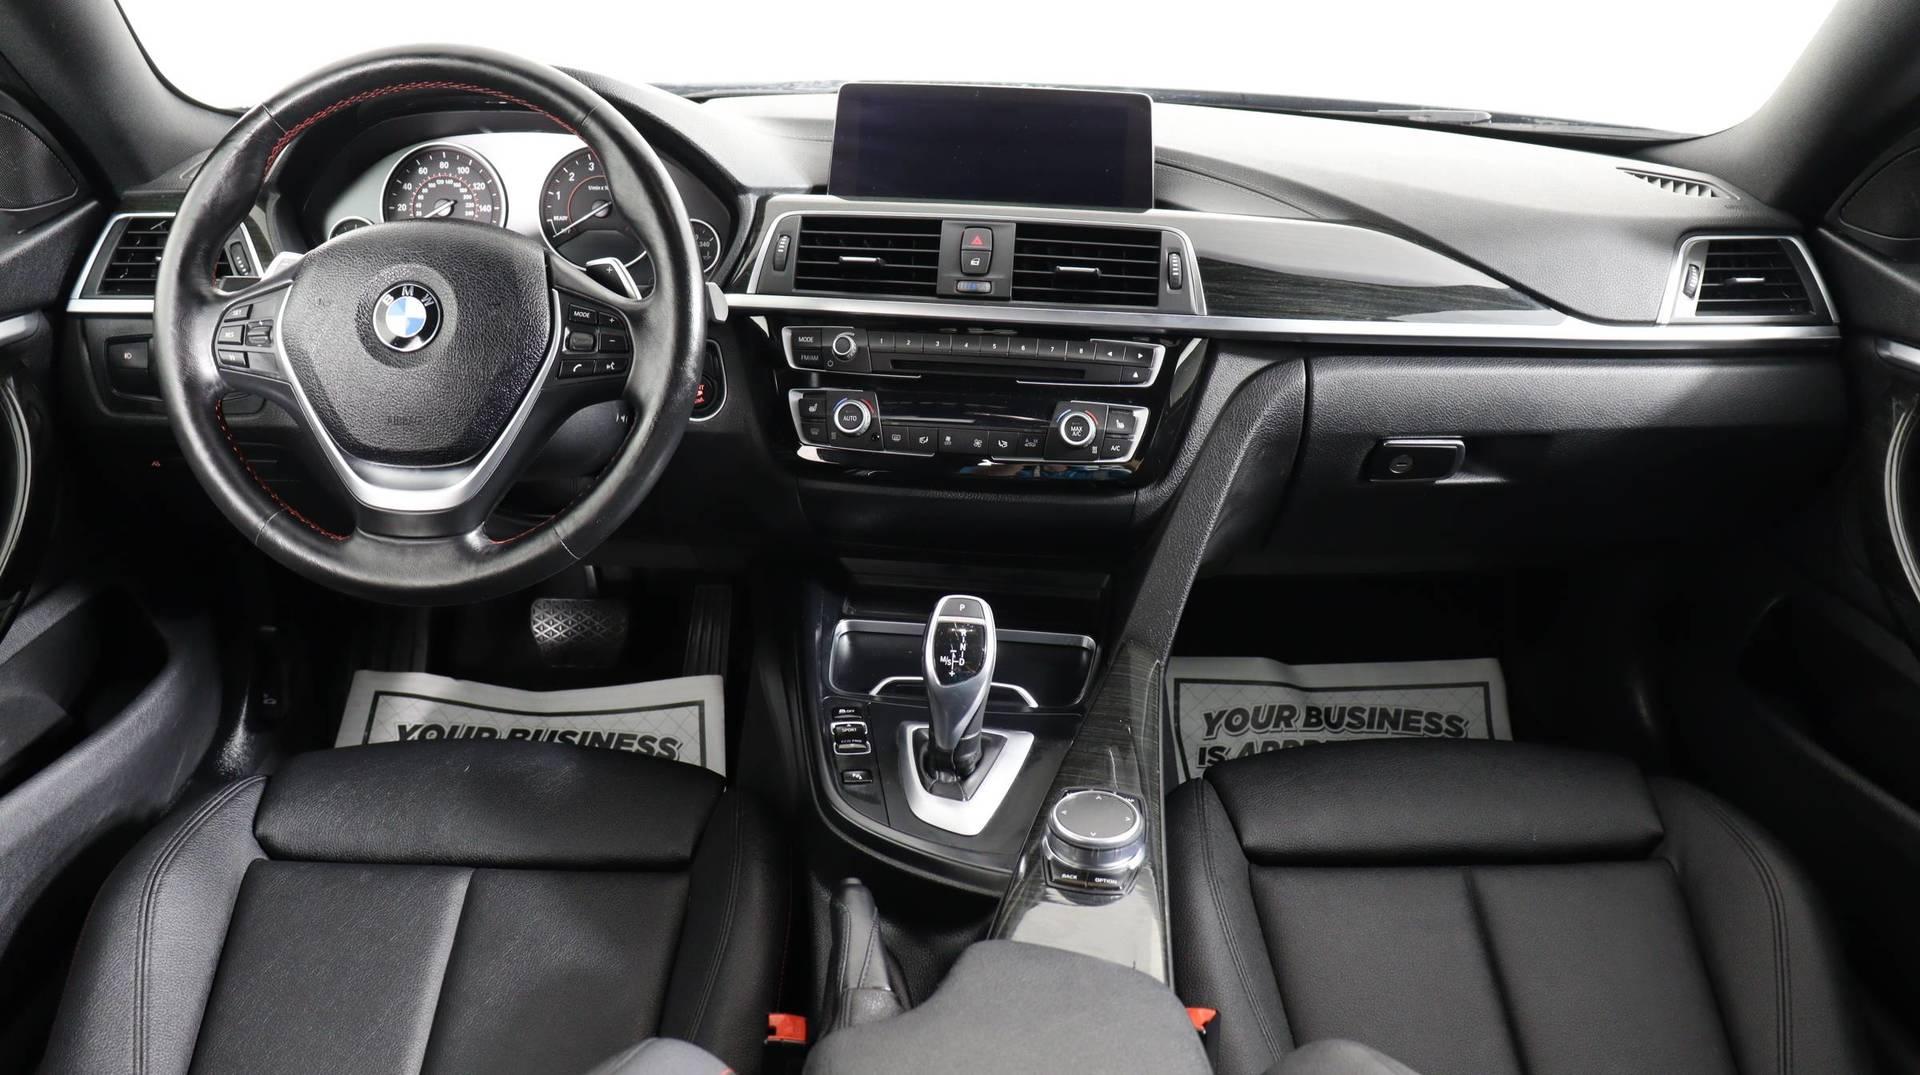 Carvix - Used vehicle - Sedan BMW 4 SERIES 2018